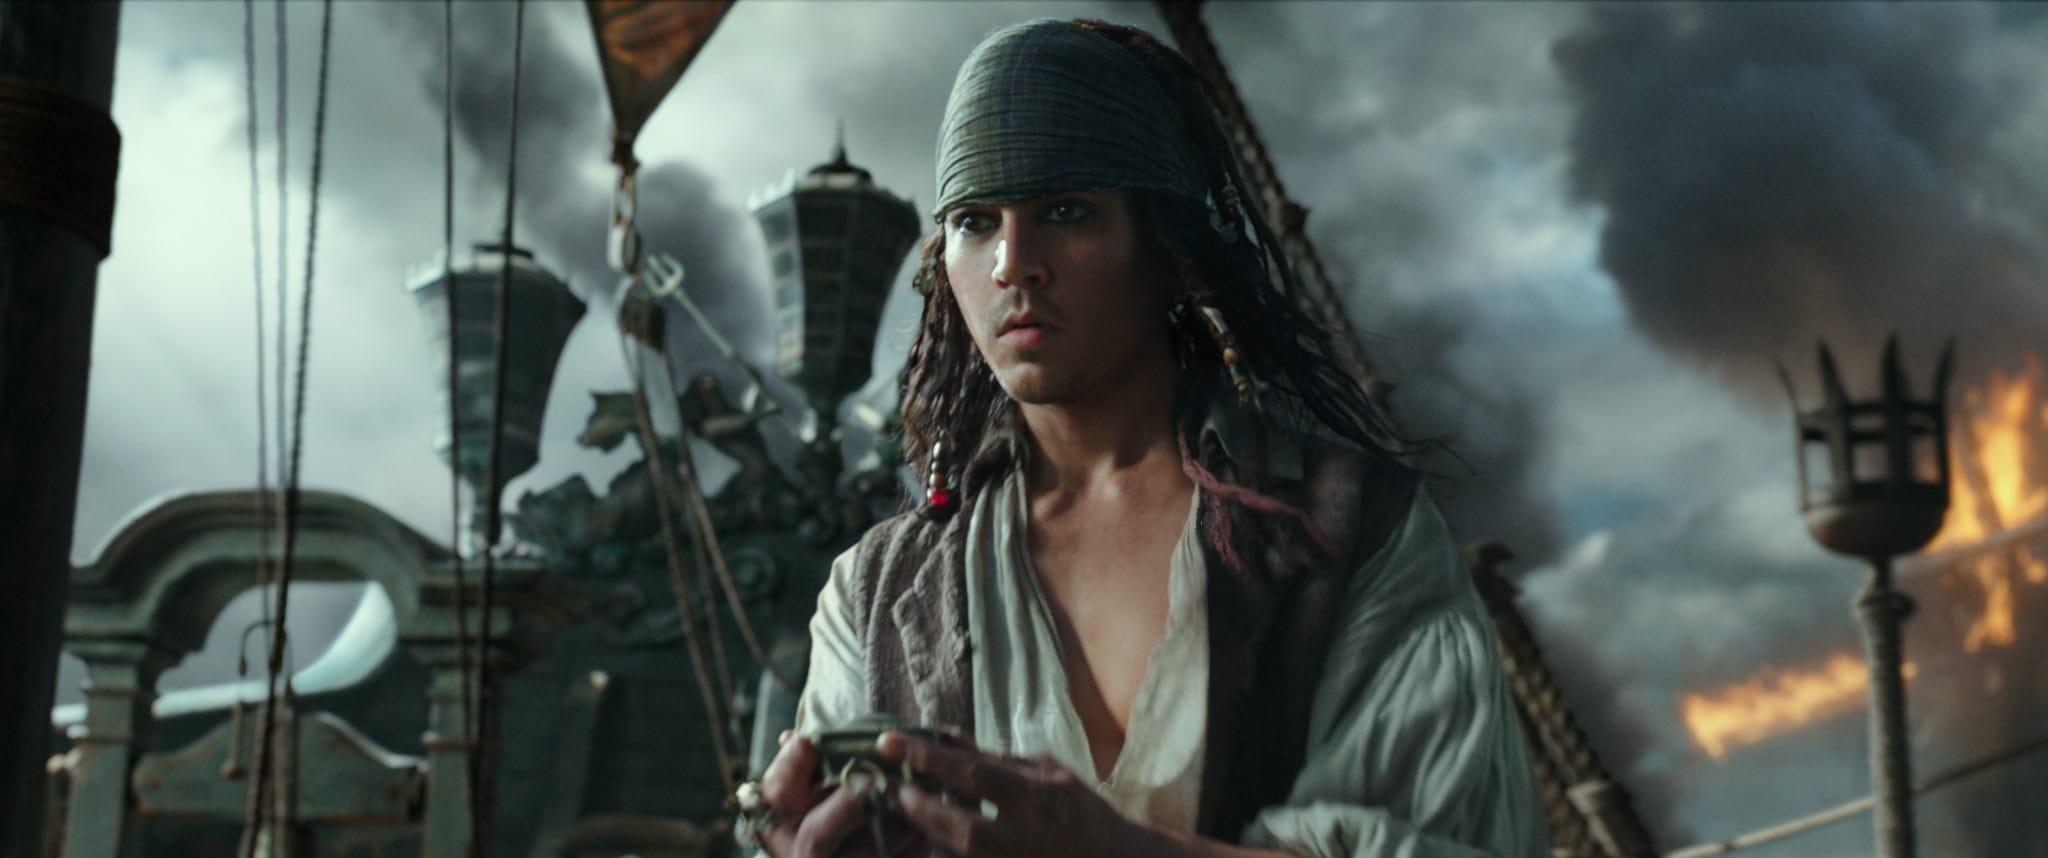 Jack Sparrow giovane Johnny Depp in Pirati dei Caraibi – La vendetta di Salazar